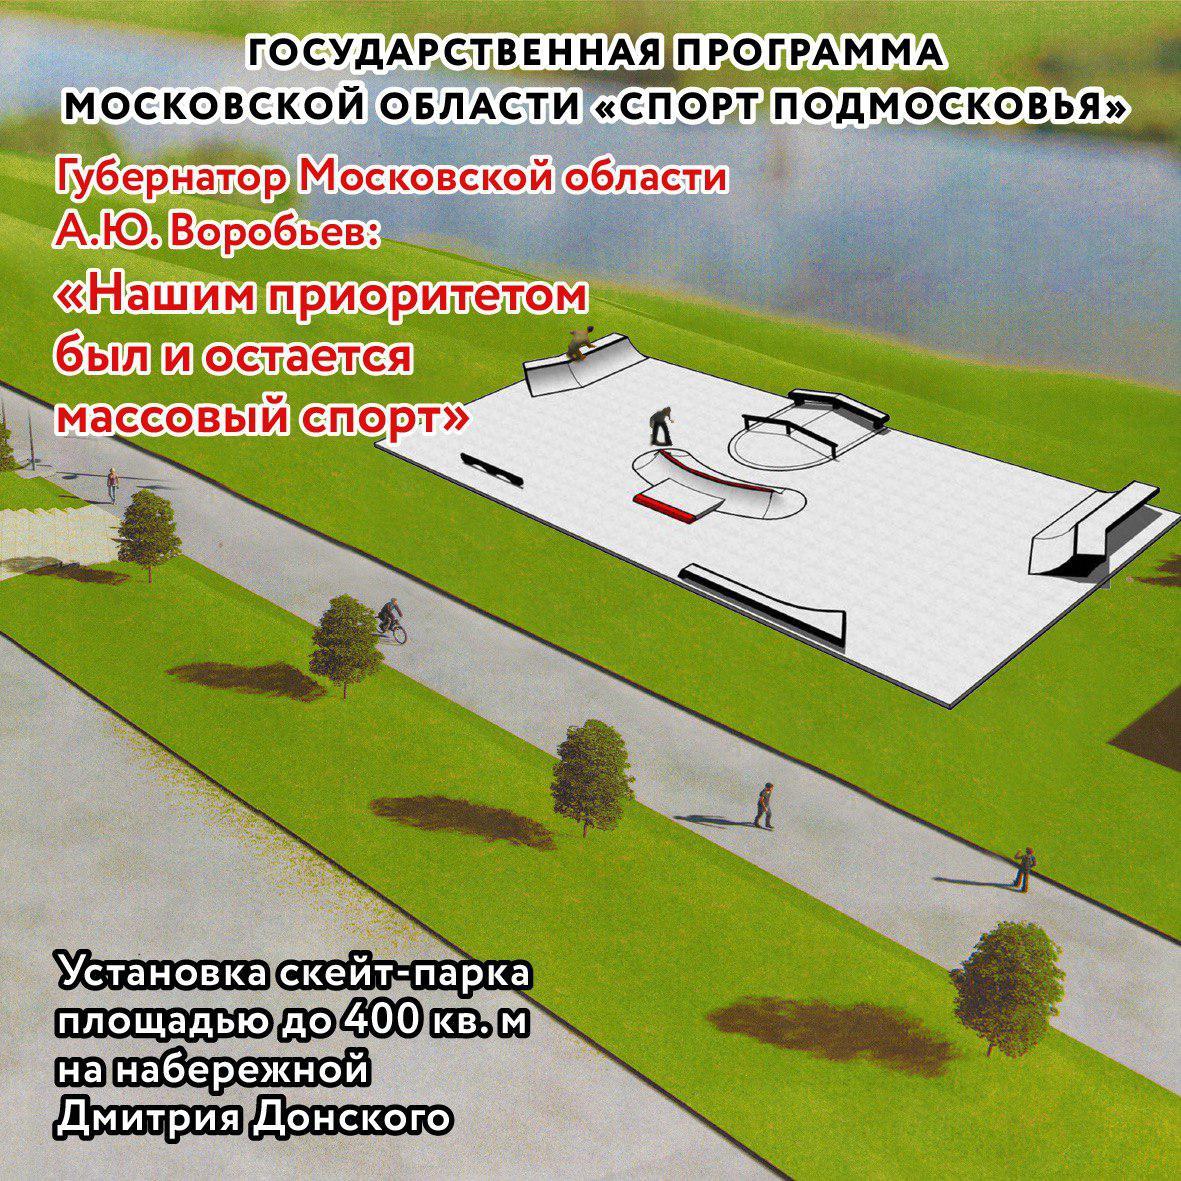 Новости Коломны   Каким будет новый скейт парк в Колычево? Фото (Коломна)   iz zhizni kolomnyi